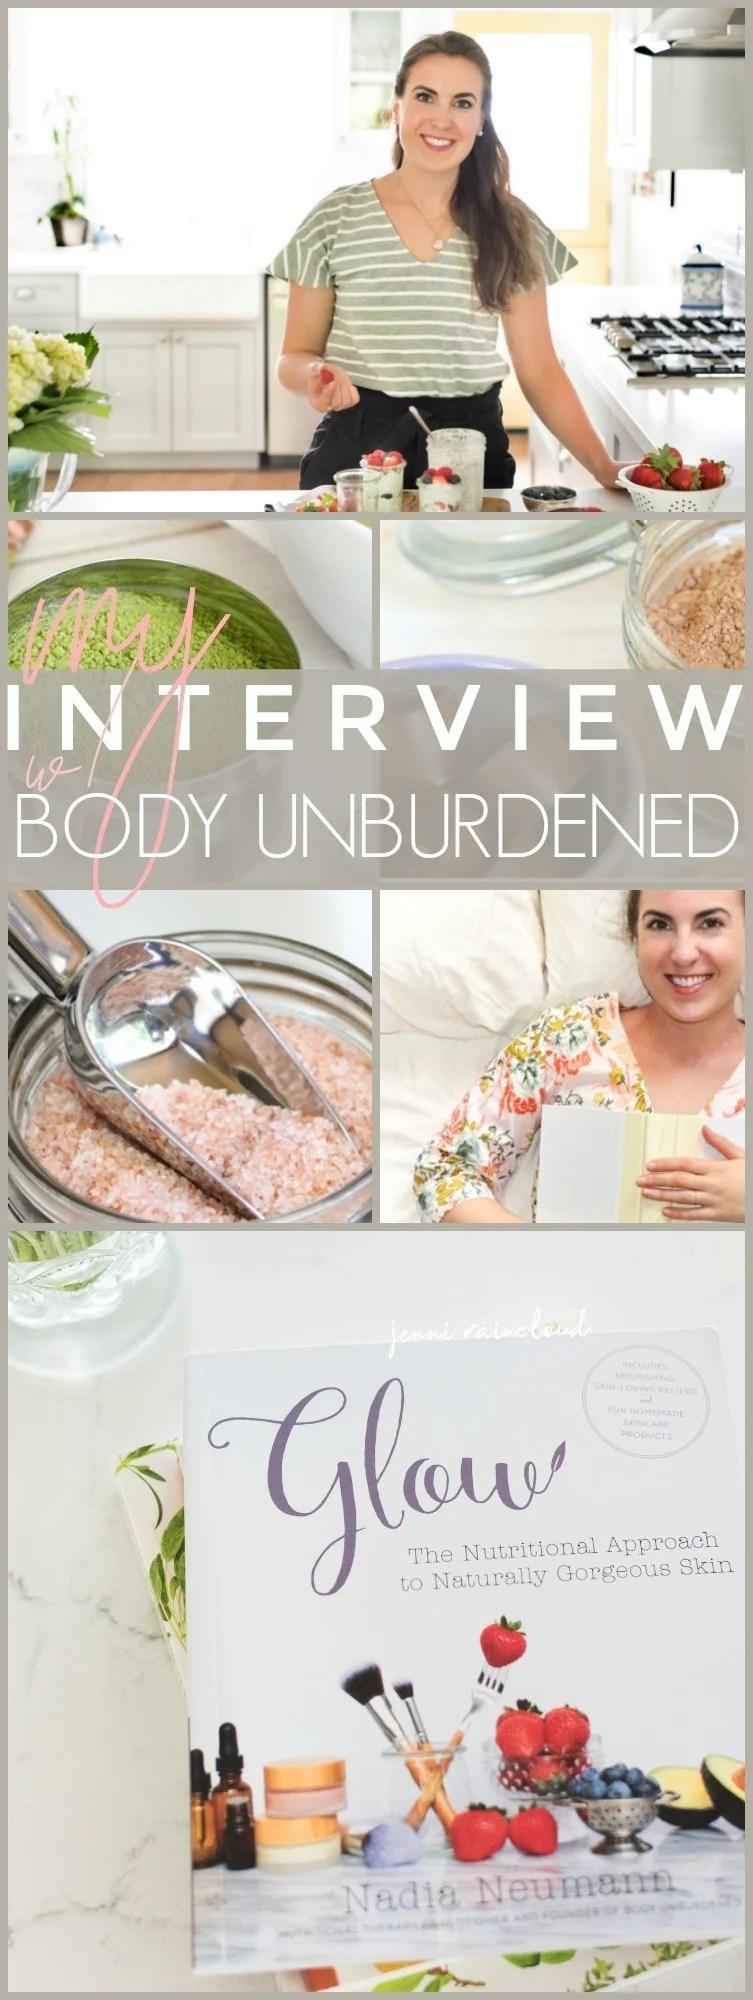 Body Unburdened Interview